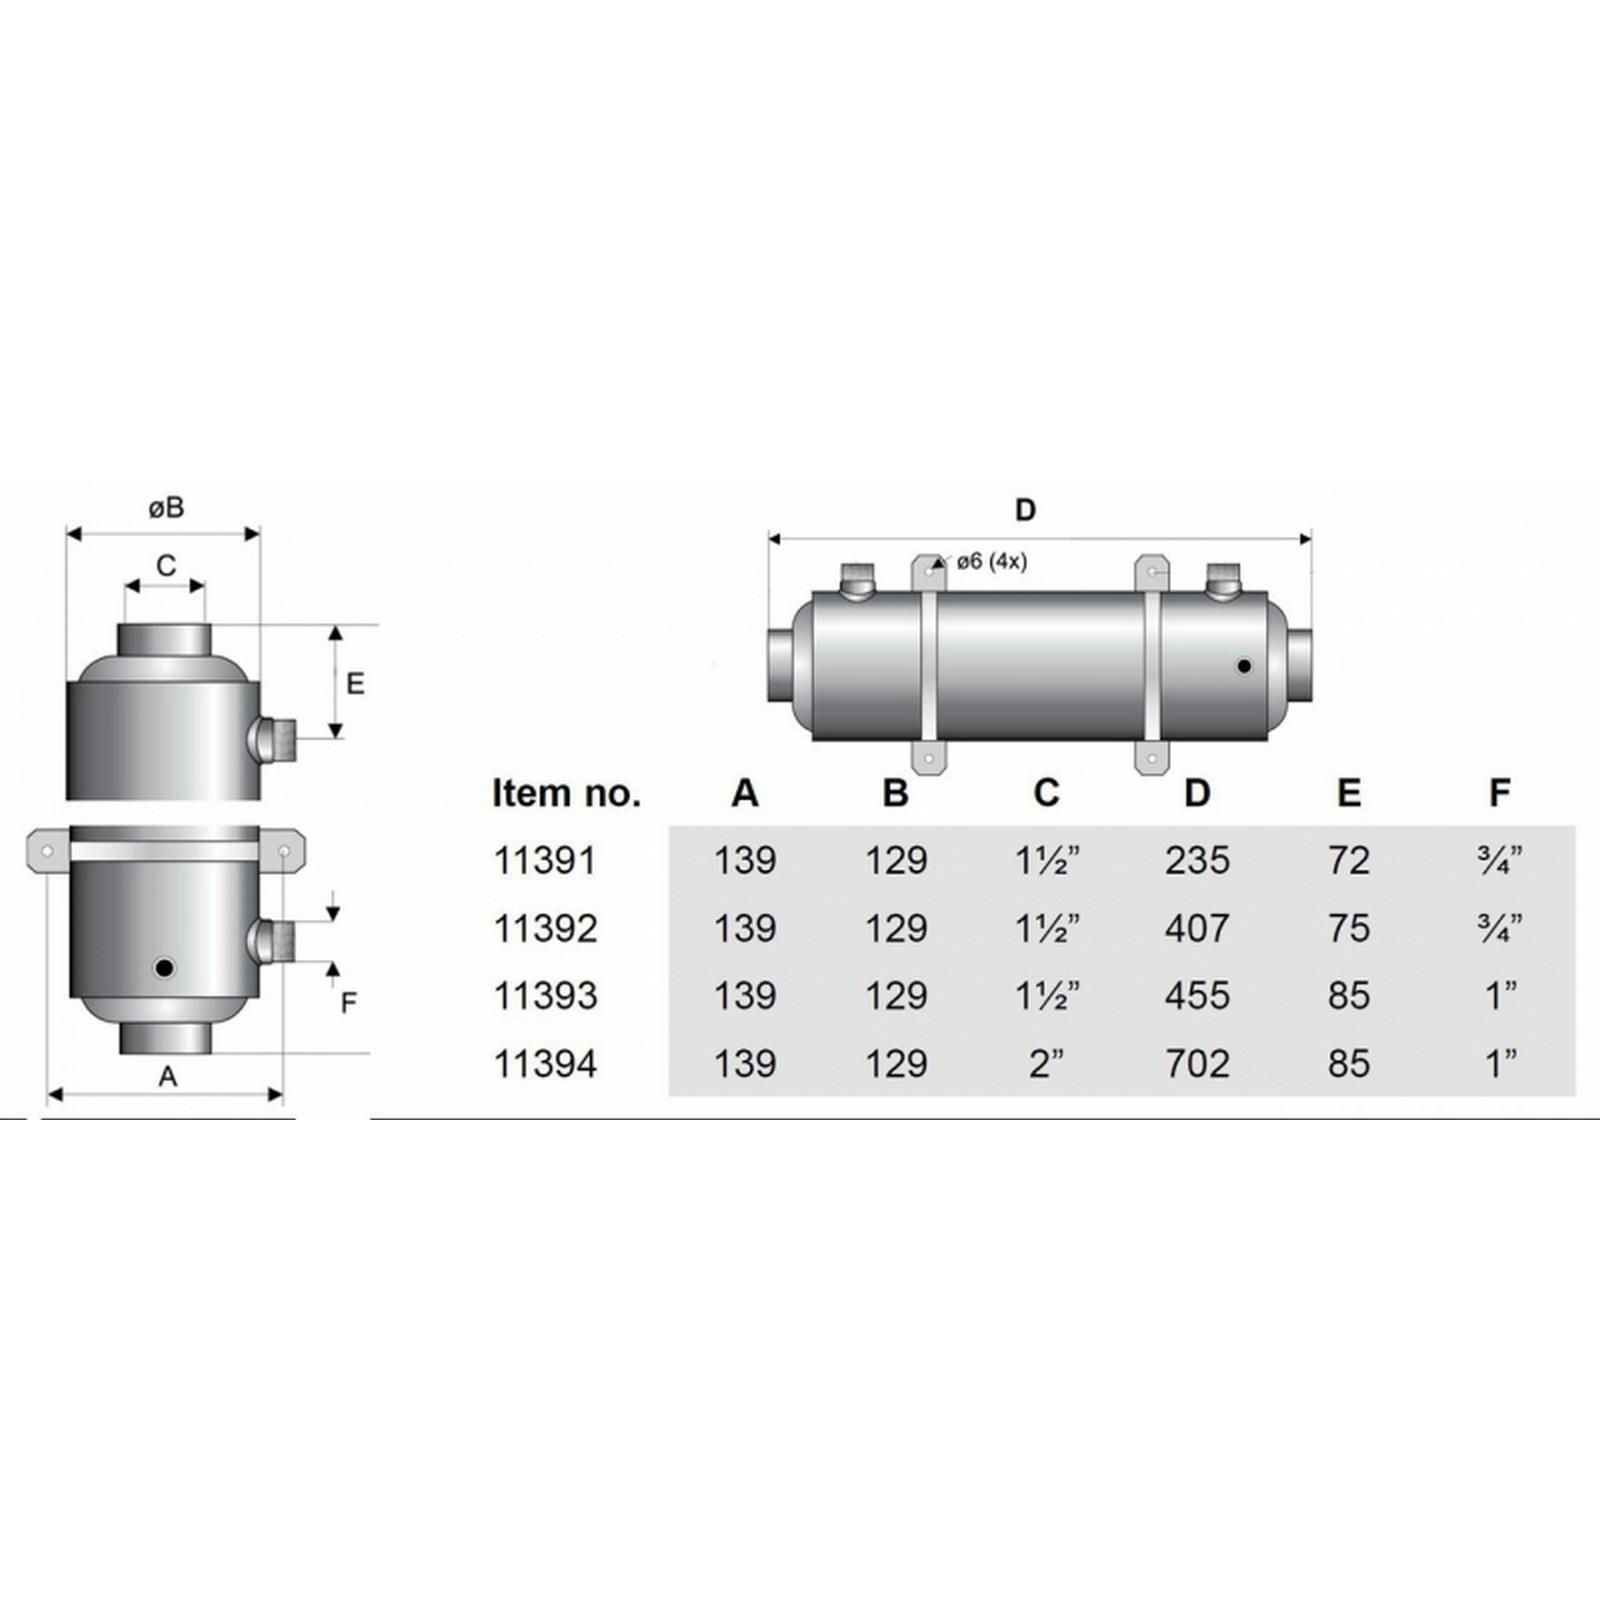 Теплообменник 75 квт гориз Кожухотрубный конденсатор Alfa Laval McDEW 555 T Чебоксары